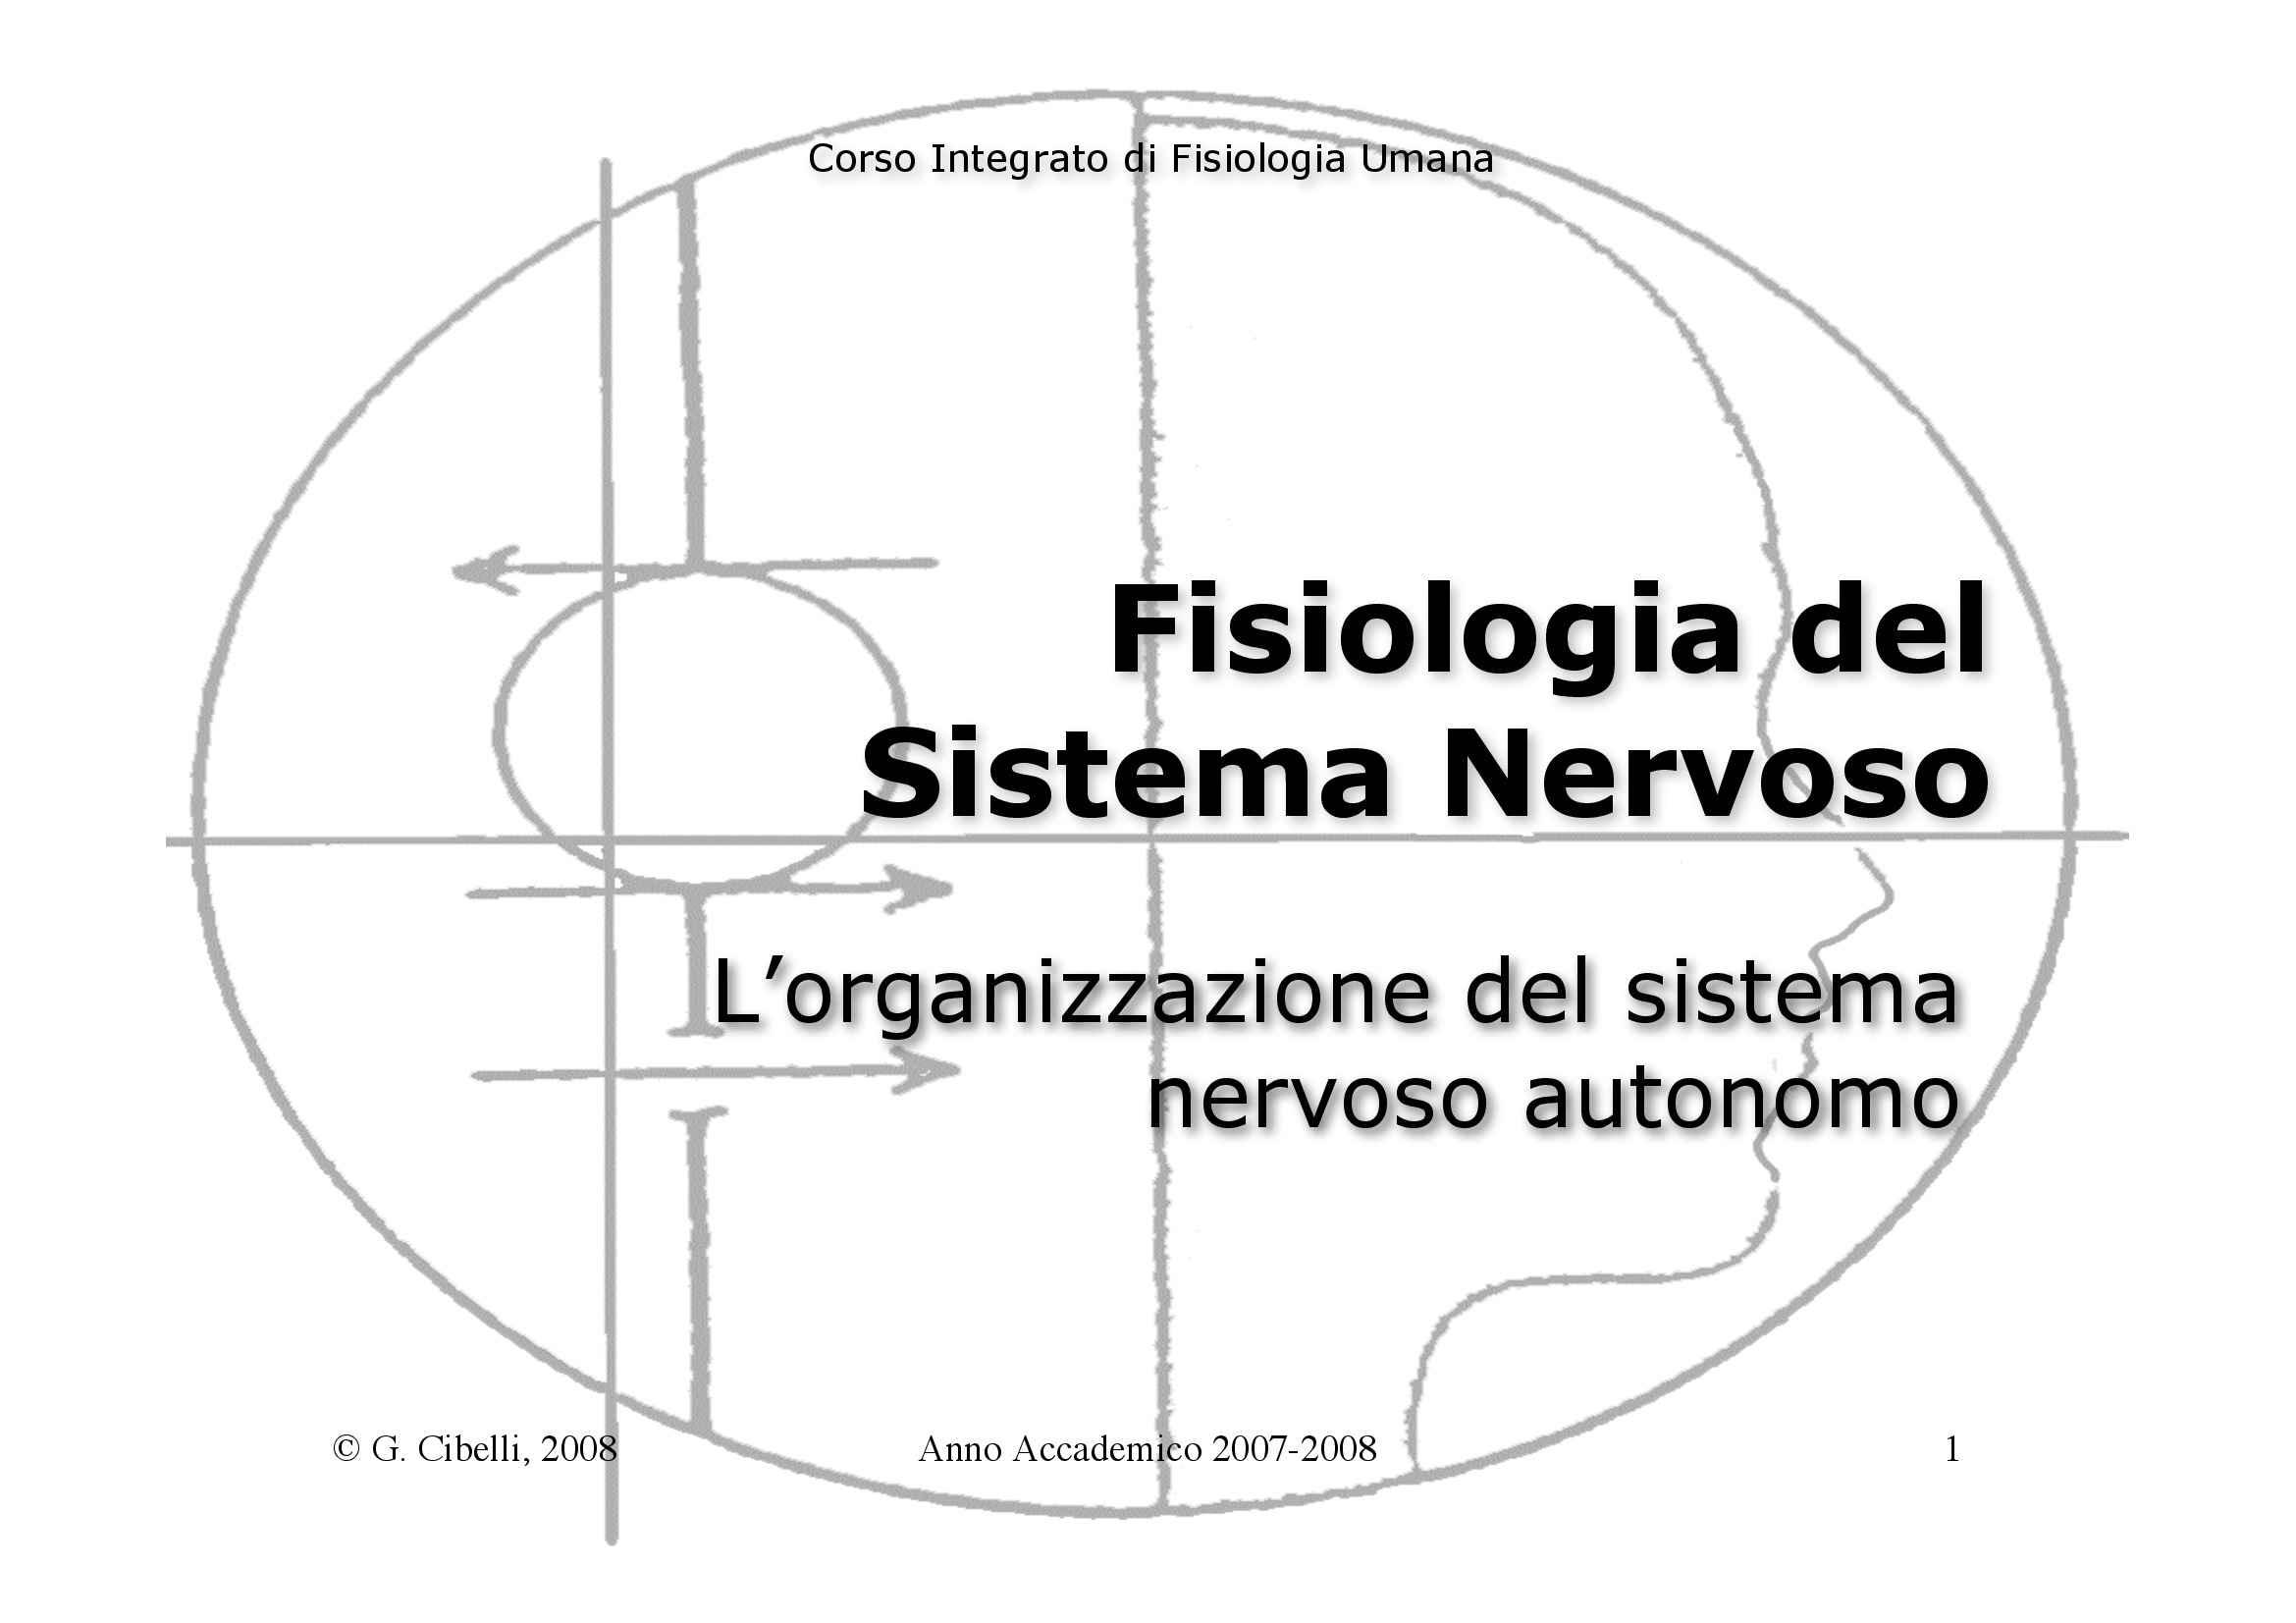 Fisiologia umana II - organizzazione del SNA